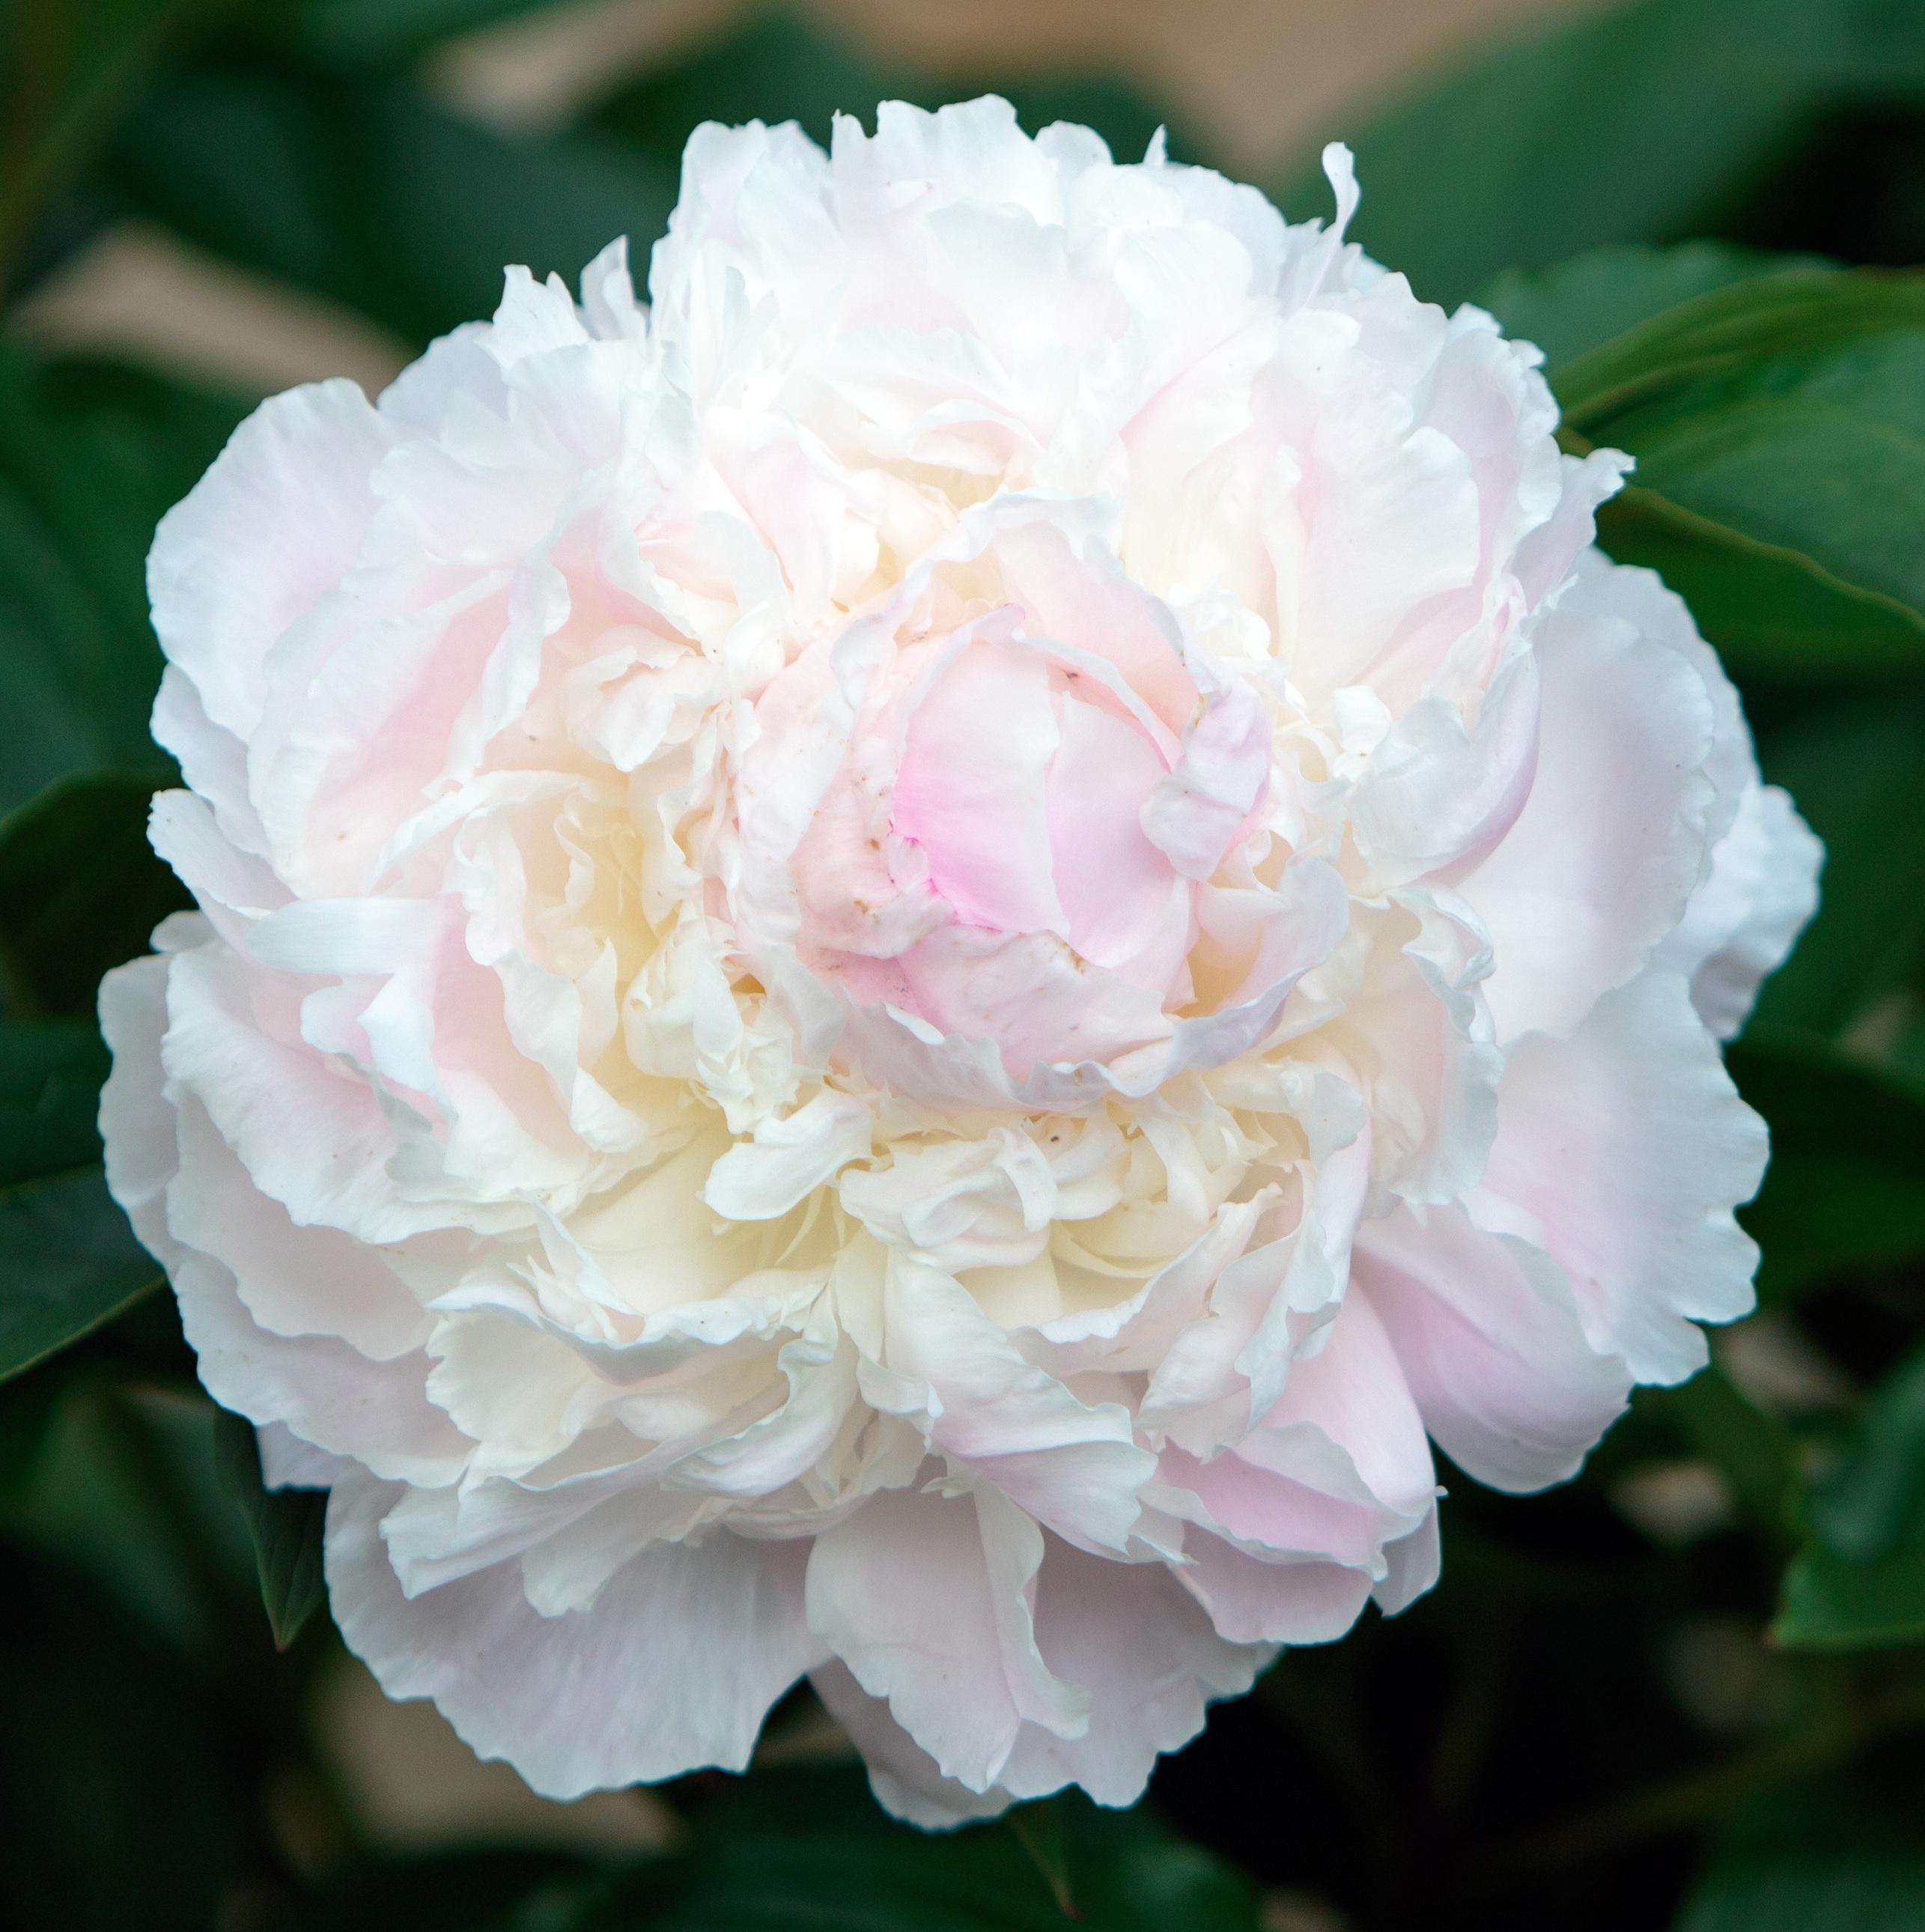 Images Gratuites La Nature Fleur Blanc Petale Floraison